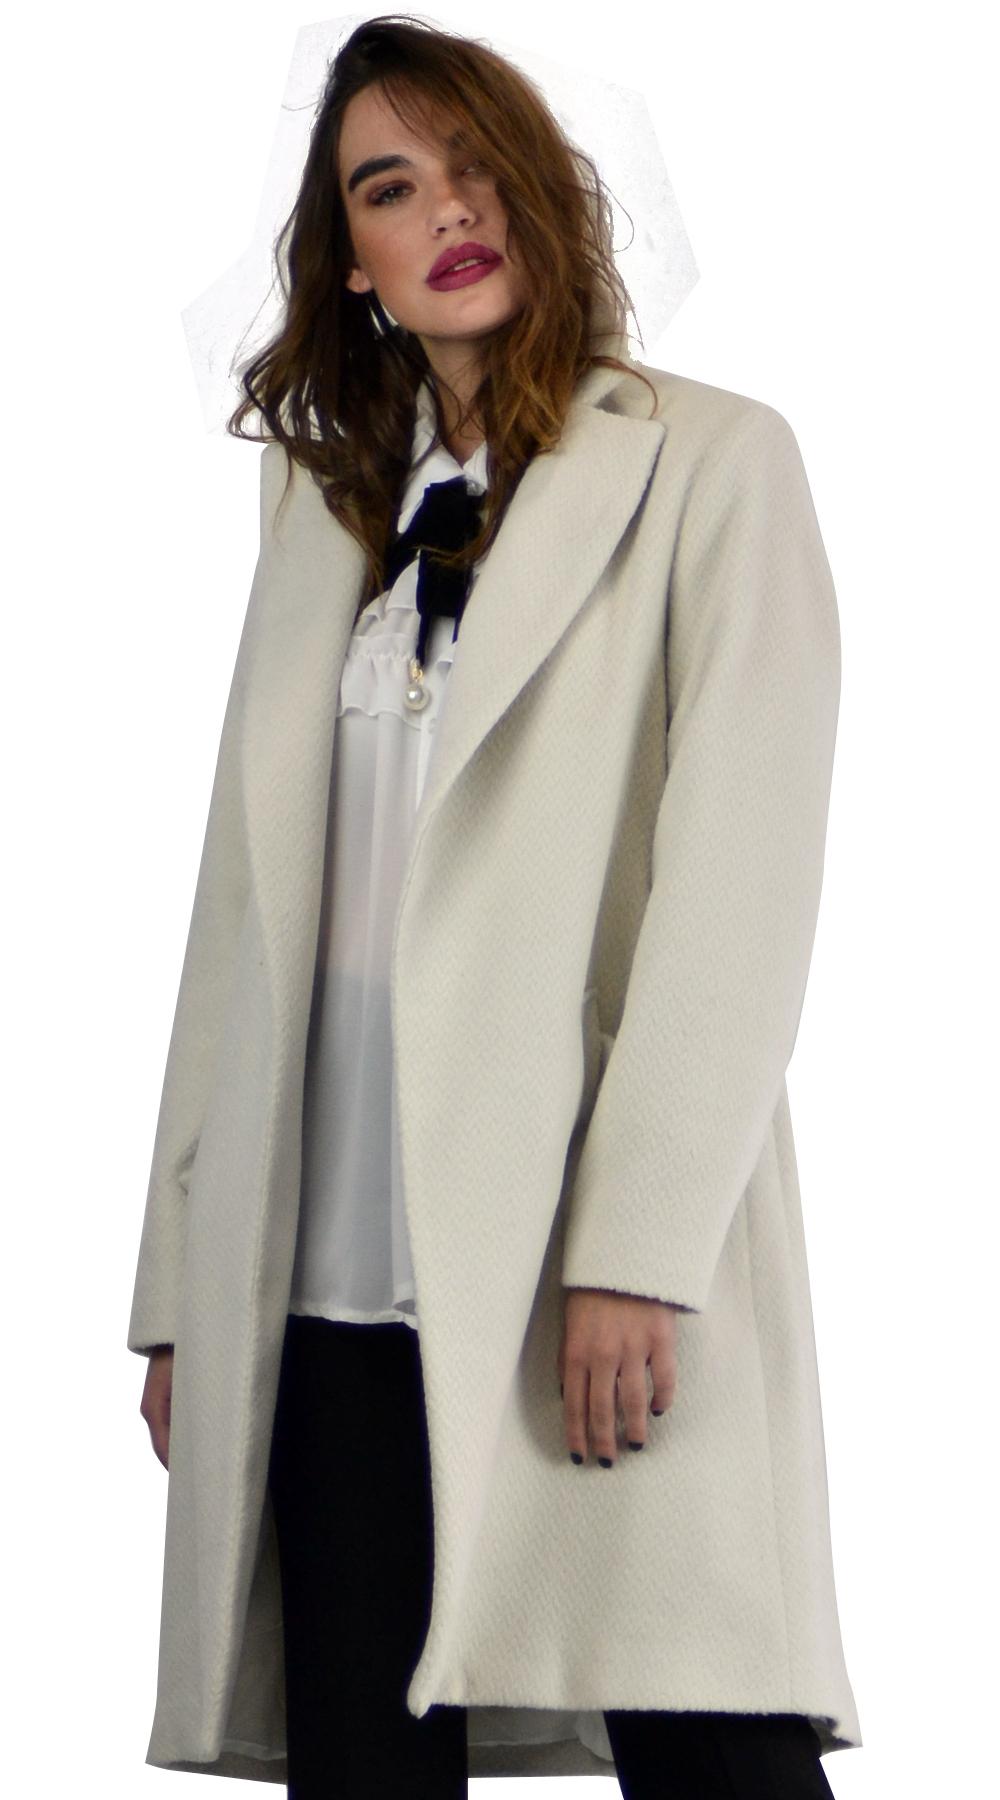 dd6711bac05 Γυναικείο παλτό μάλλινο με ζώνη και τσέπες - LOVE ME - W18LV-43850